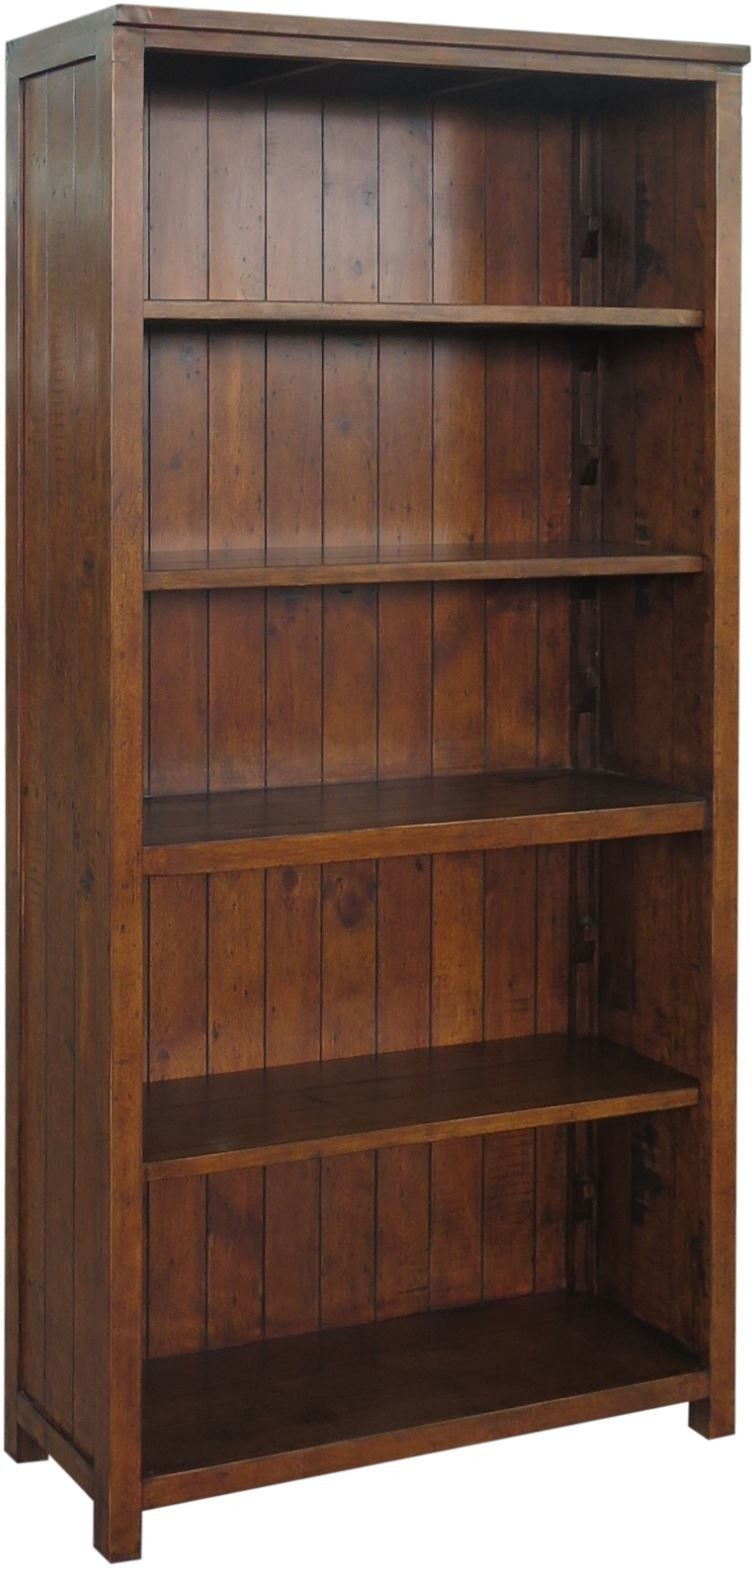 Driftwood Reclaimed Pine 4 Shelves Bookcase